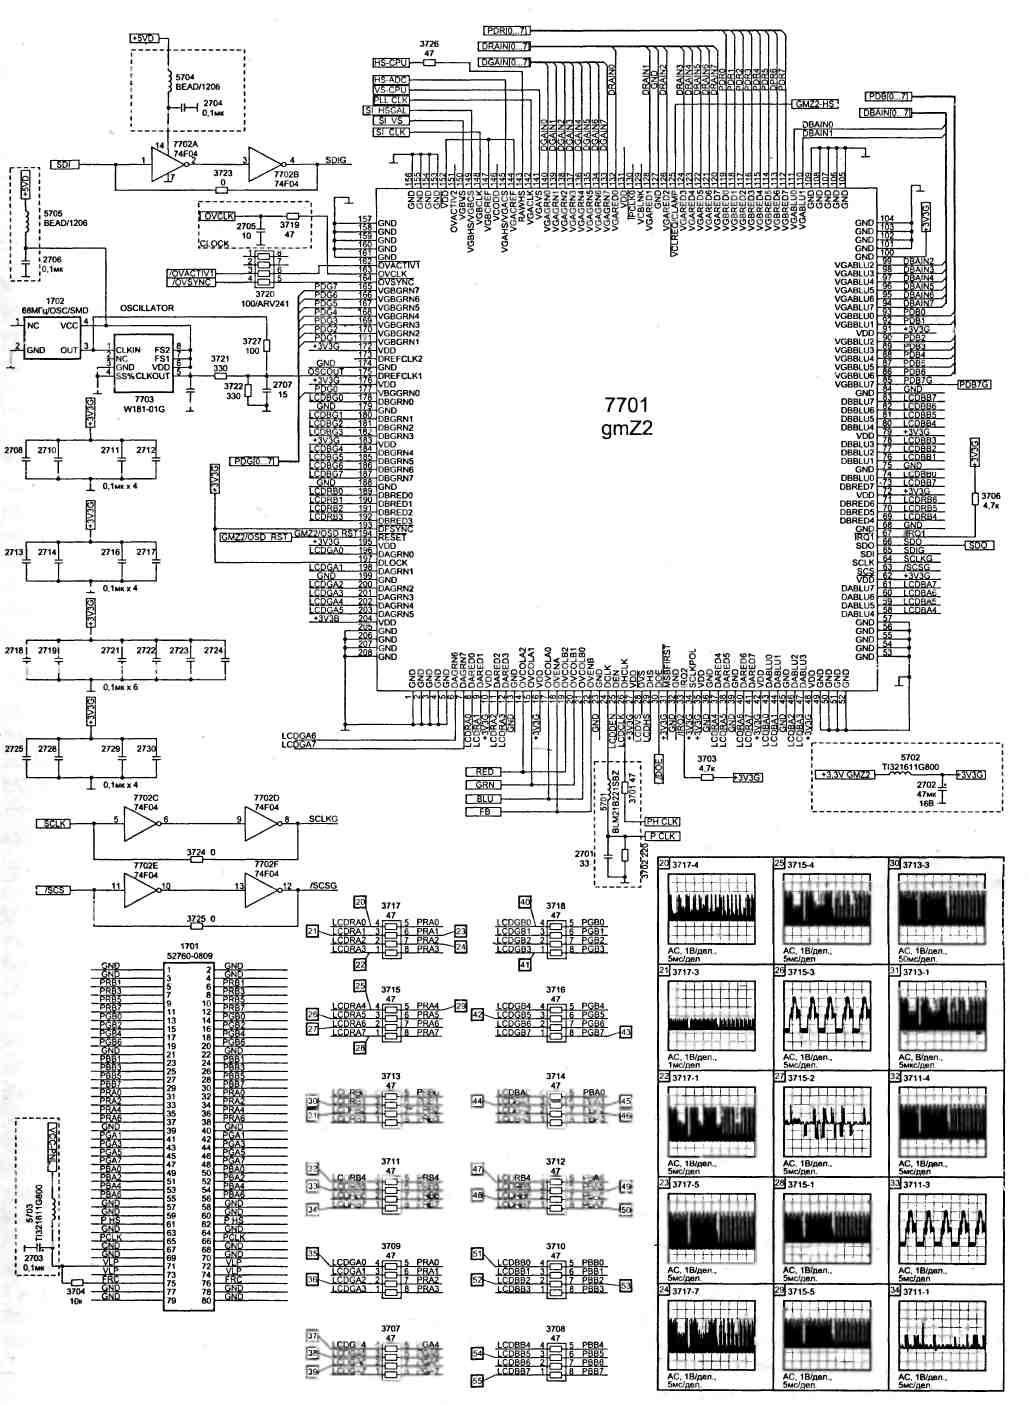 Принципиальыне схемы из раздела Микроконтроллеры.  Схемы на МК - Микроконтроллеры - Каталог схем - Портал.